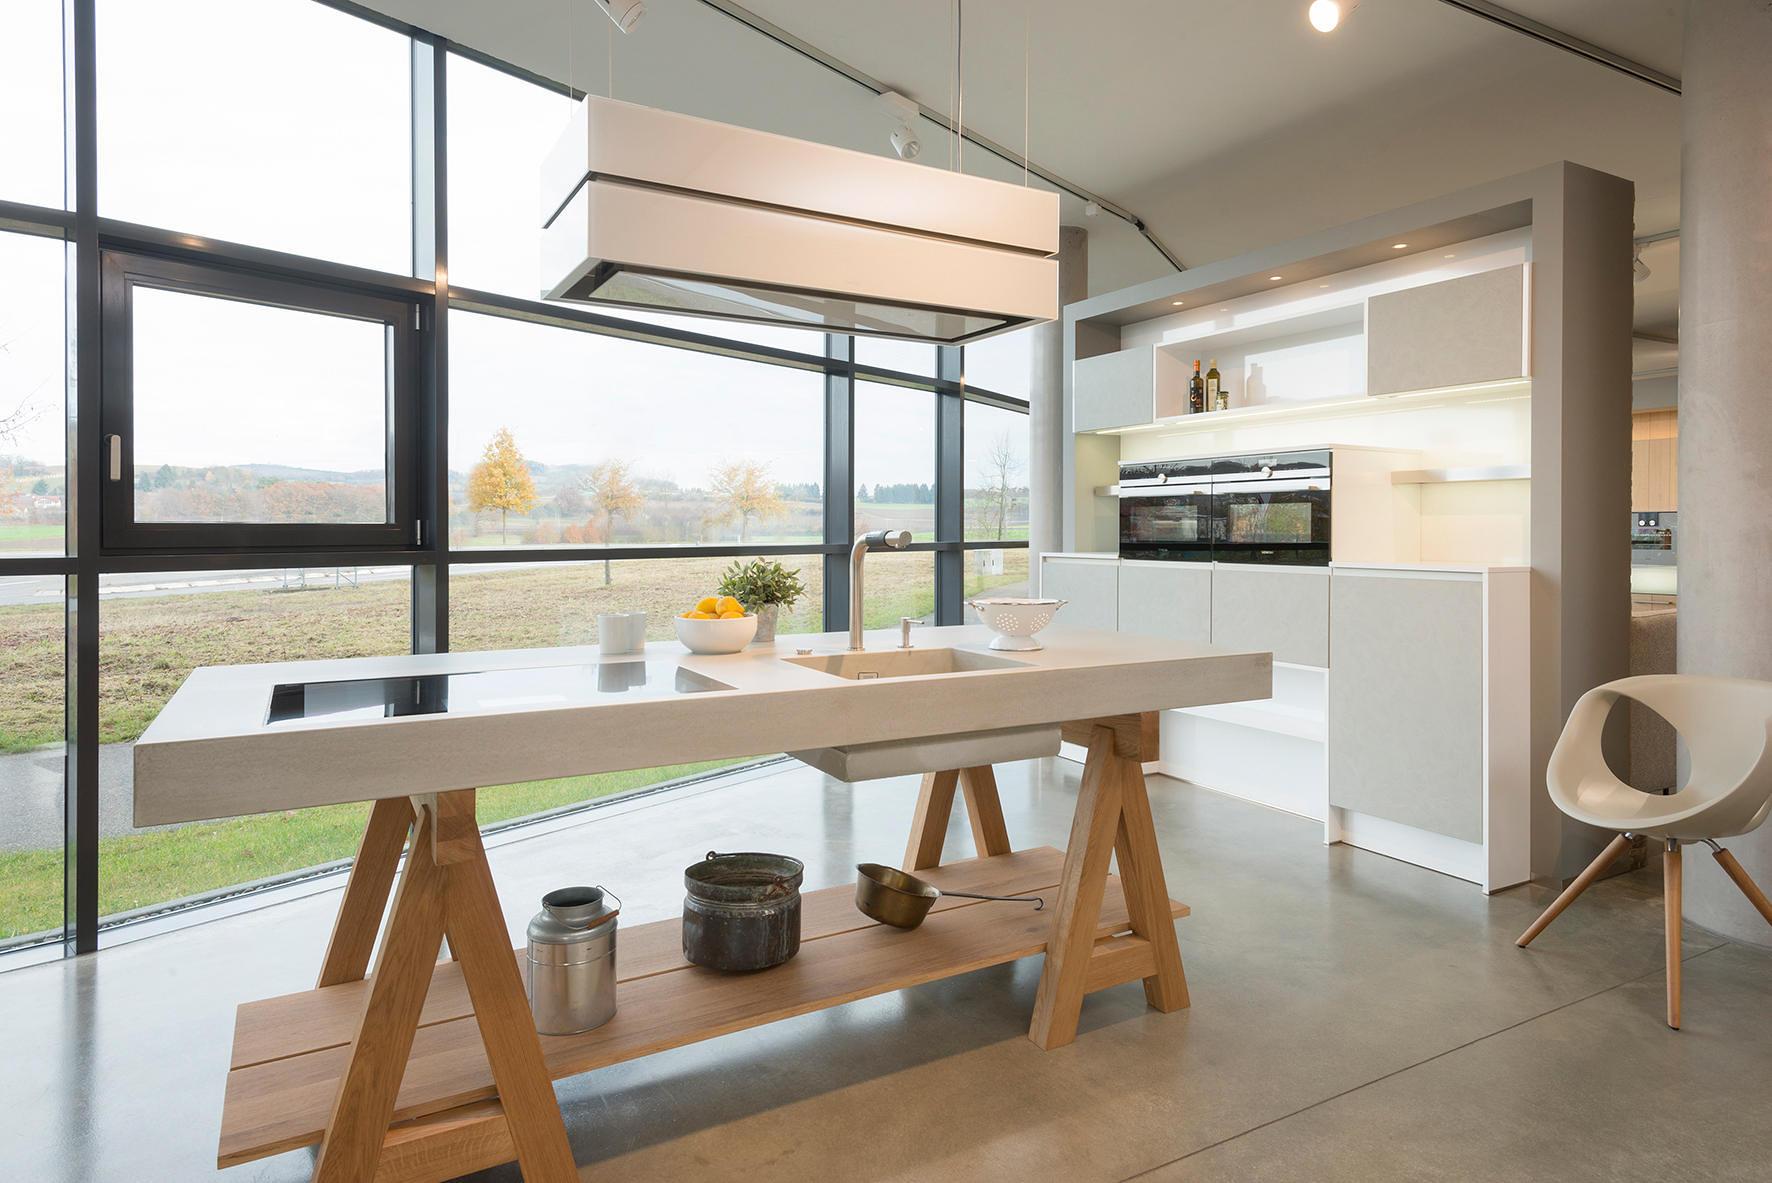 dade WERKKÜCHE concrete kitchen  Architonic